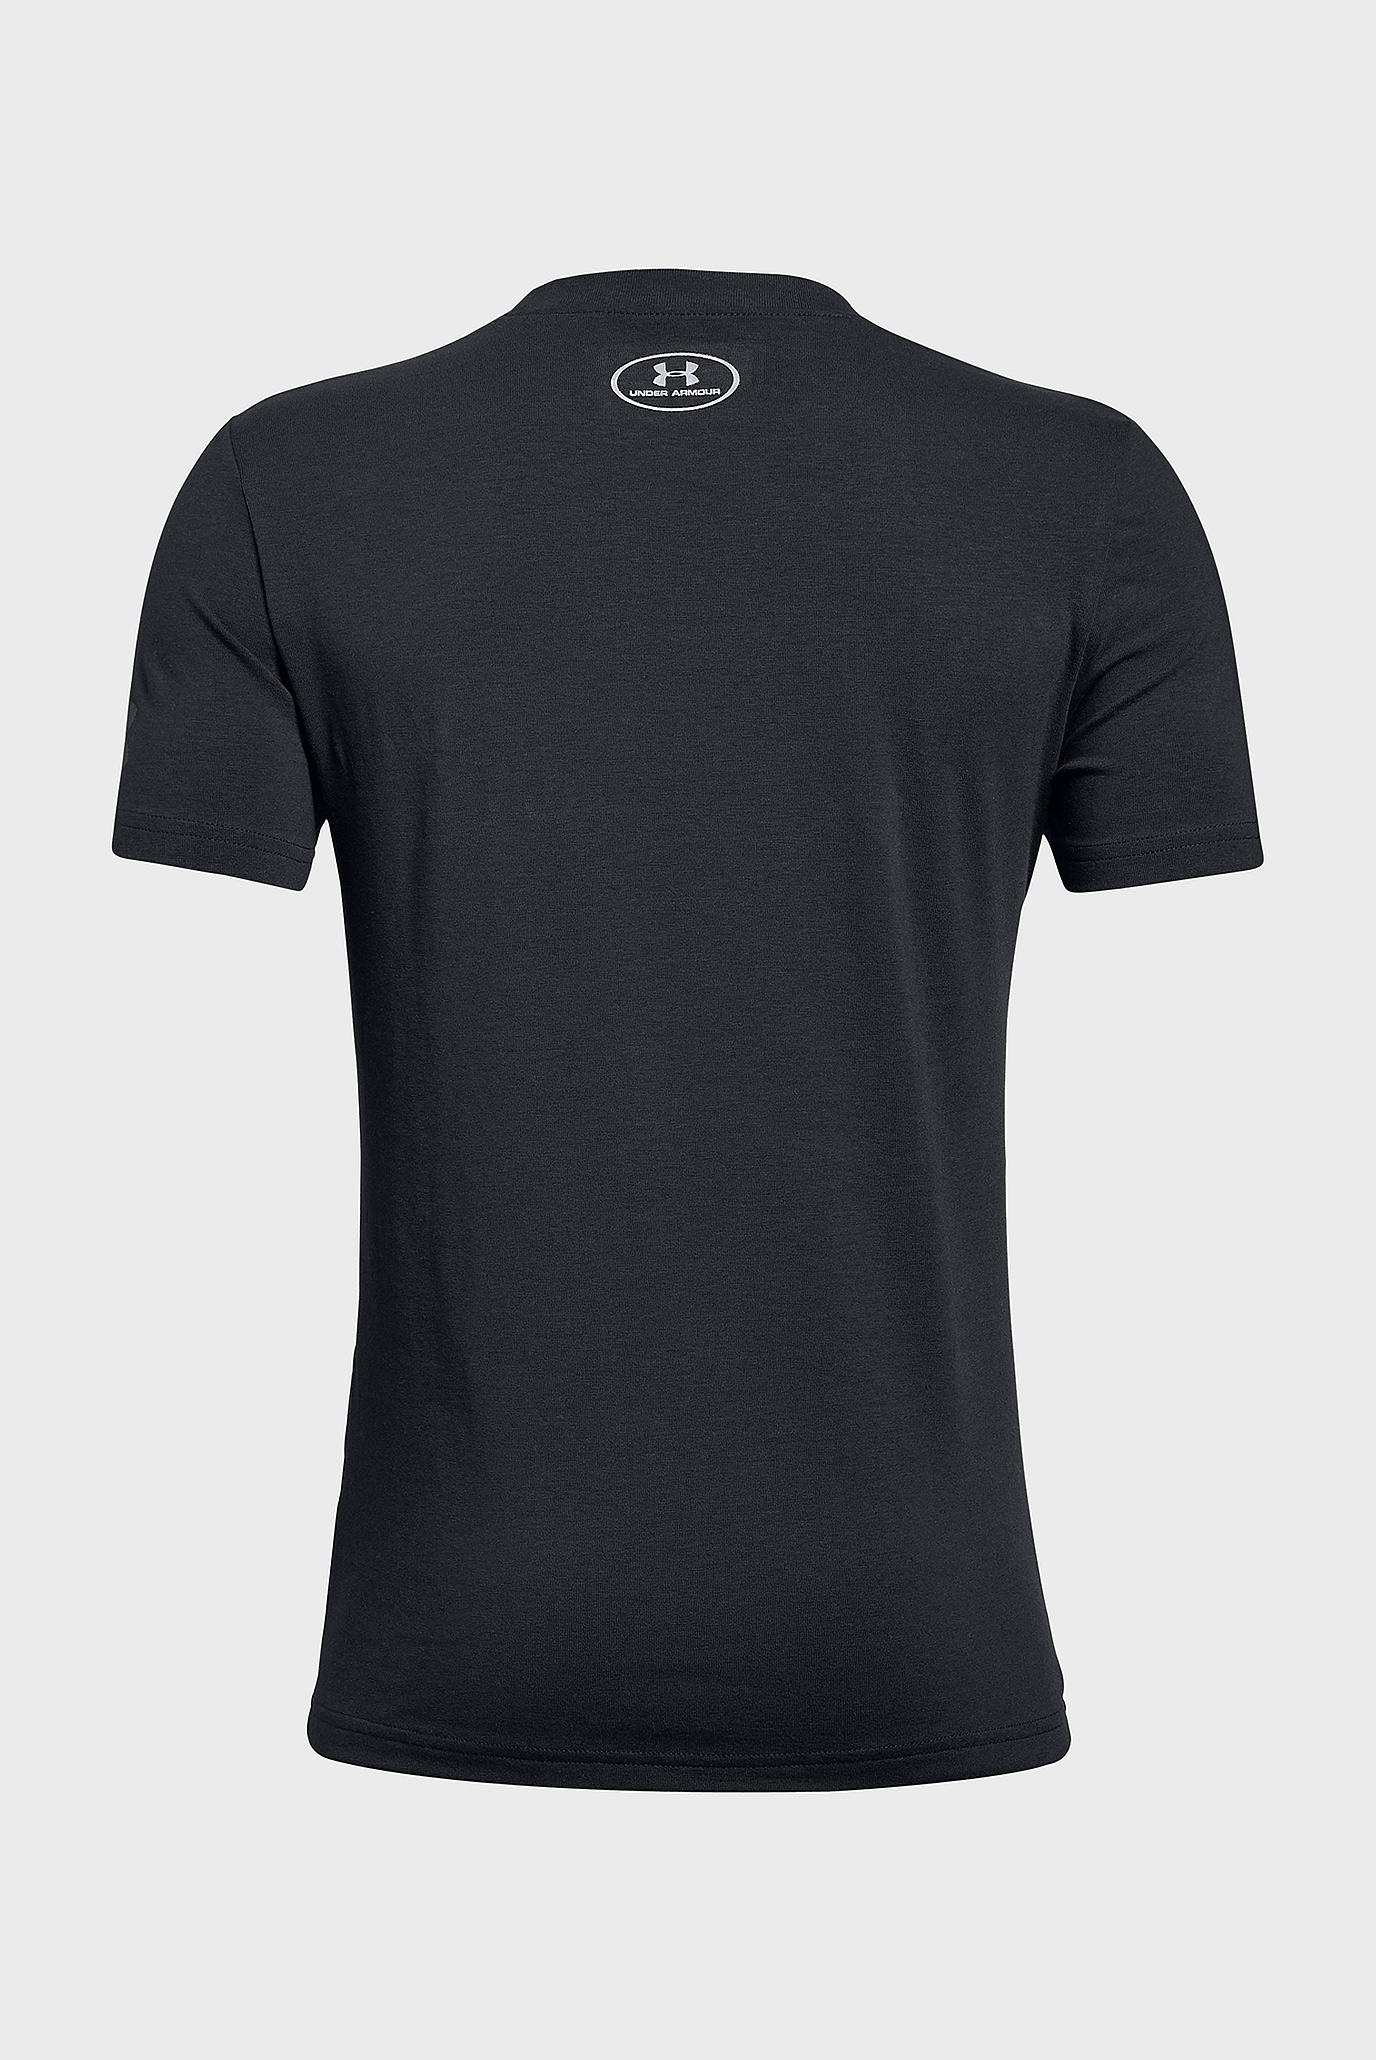 Купить Детская черная футболка SC30 Logo SS Tee Under Armour Under Armour 1317623-001 – Киев, Украина. Цены в интернет магазине MD Fashion